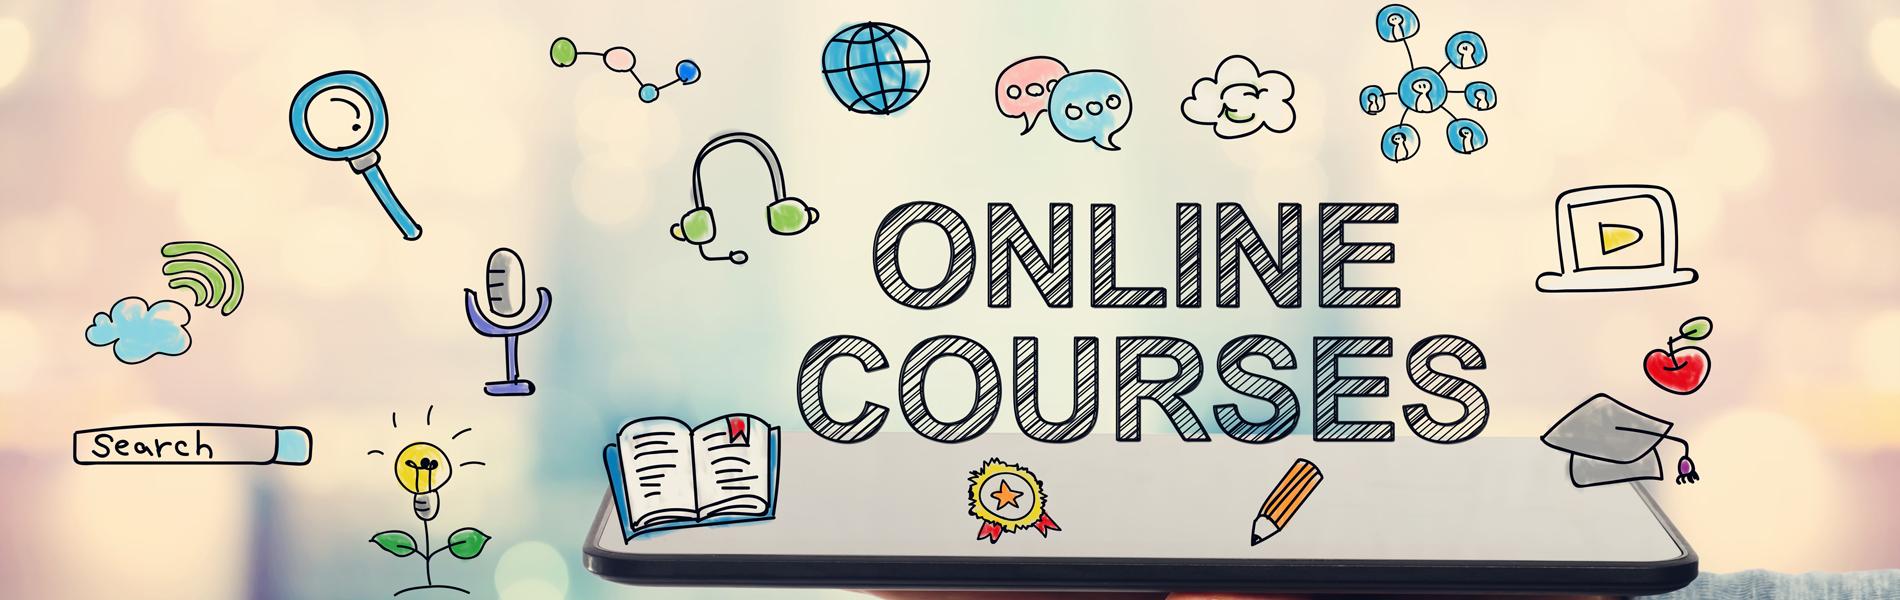 オンラインスクールを作りたい